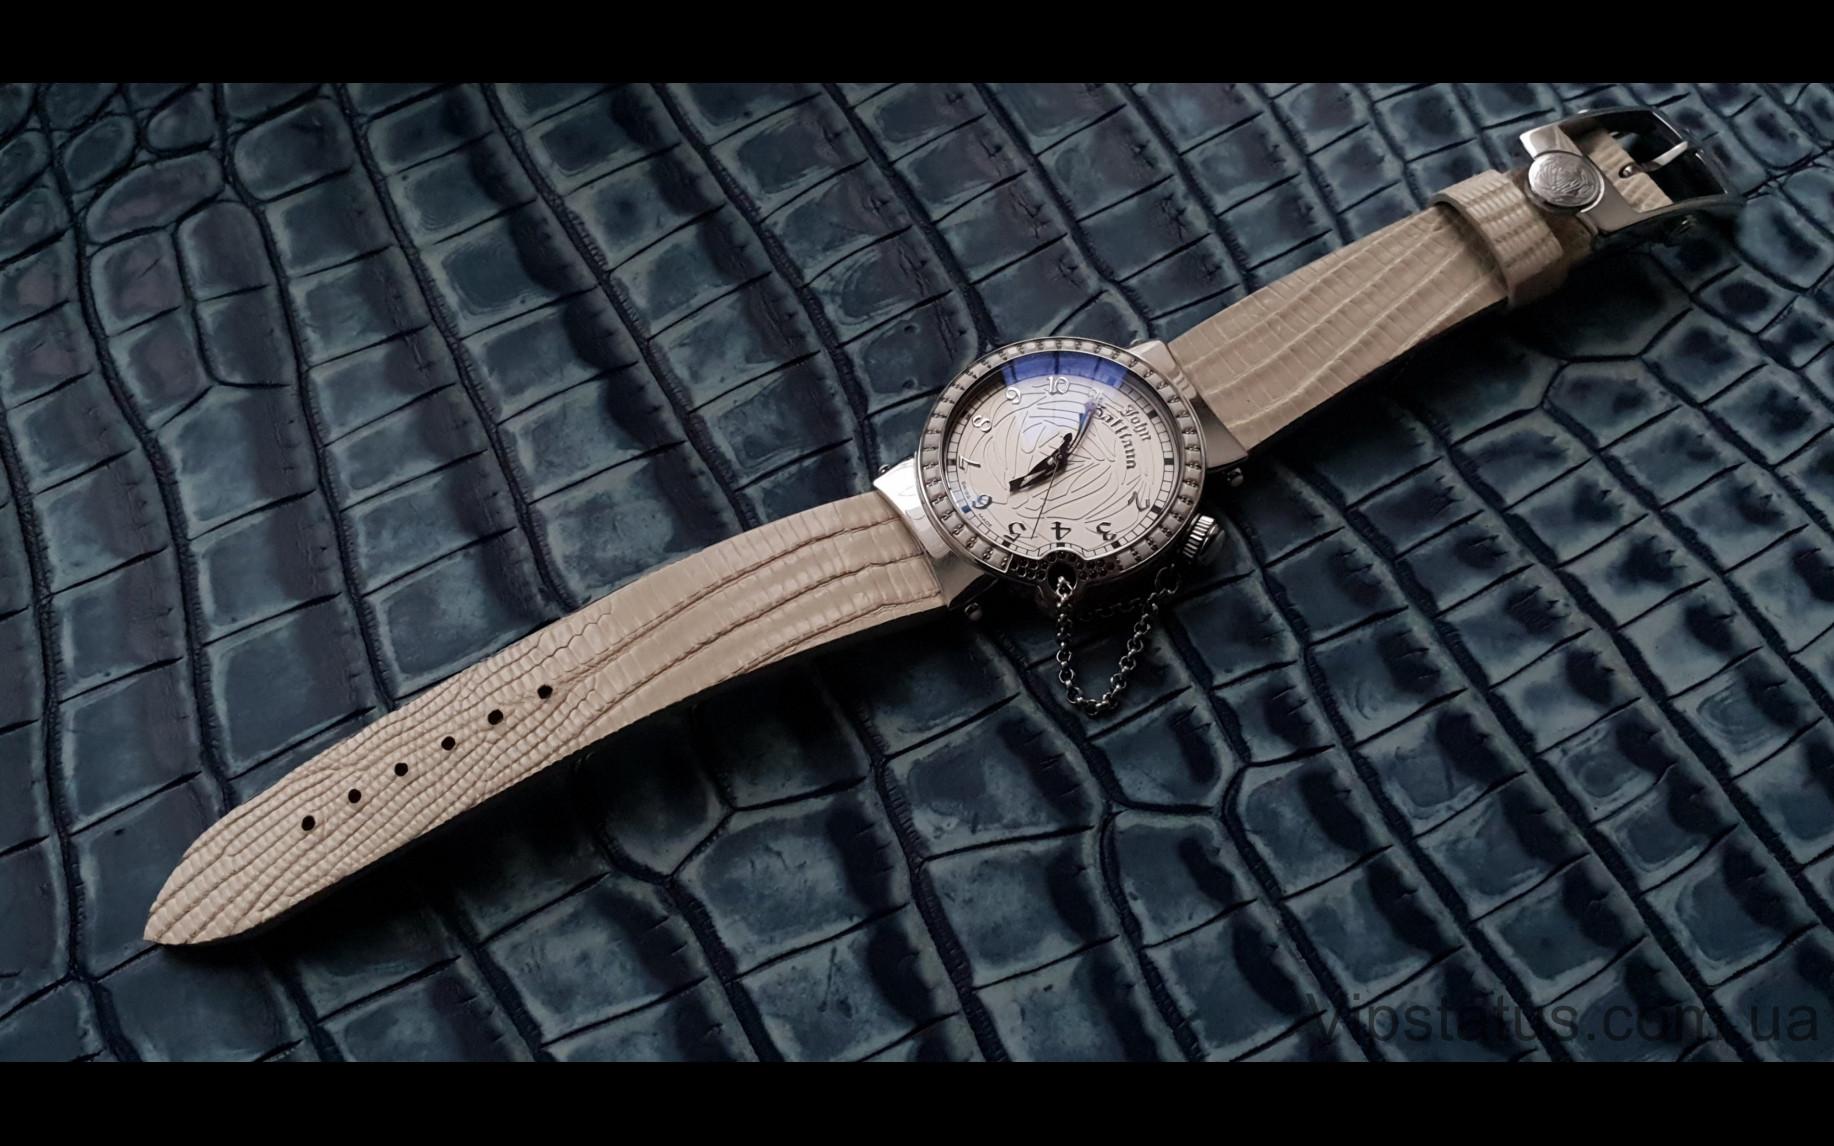 Элитный Экзотический ремешок для часов John Galliano кожа крокодила Эксклюзивный ремешок для часов John Galliano из кожи крокодила изображение 4